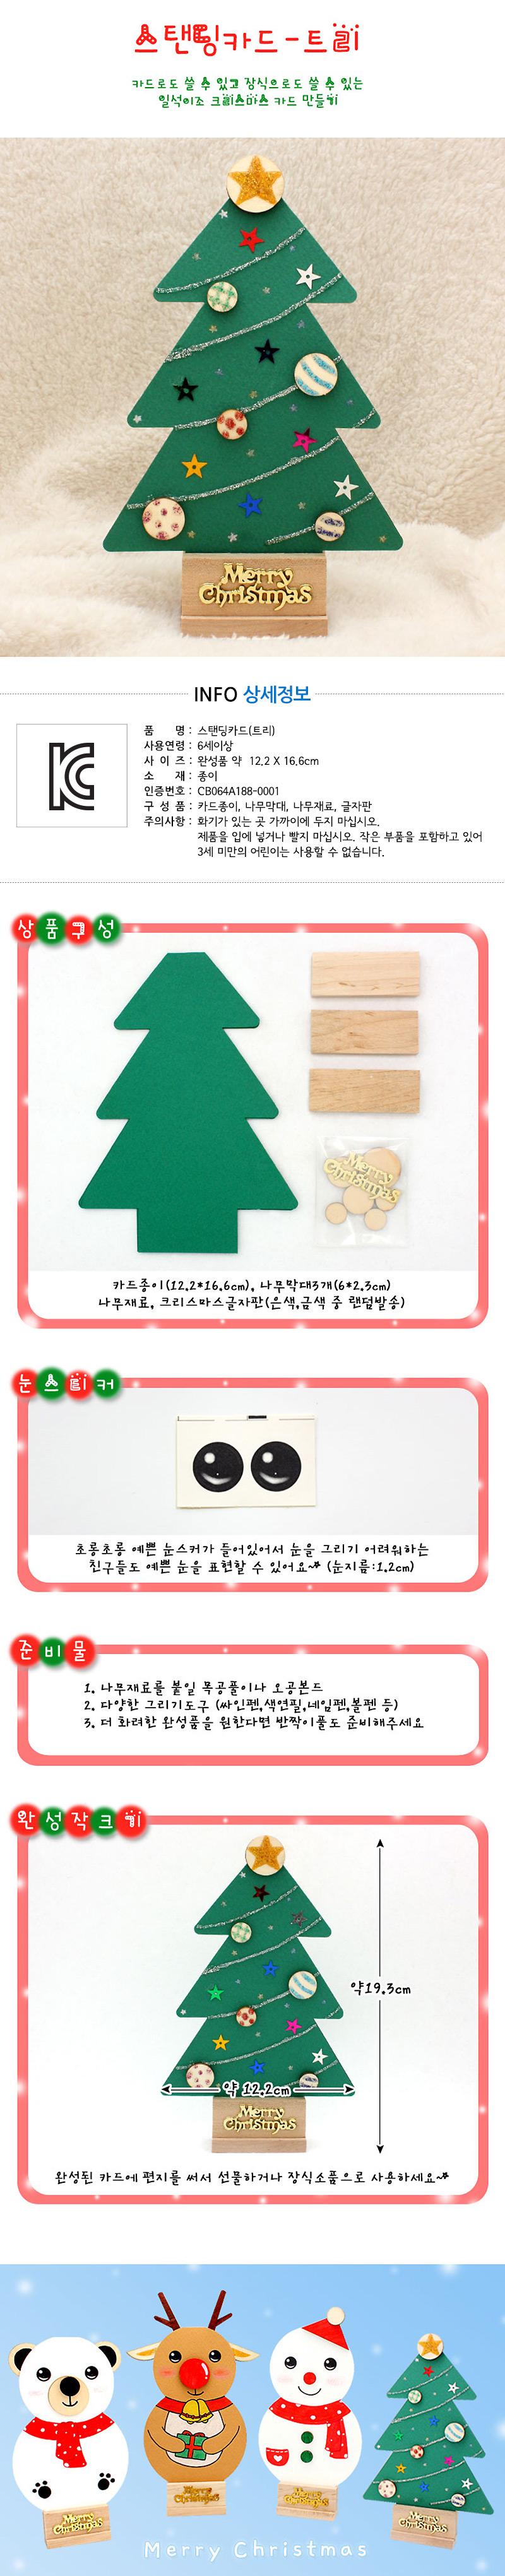 크리스마스스탠딩카드-스탠딩트리 - 에코키즈, 2,600원, 종이공예/북아트, 카드 패키지